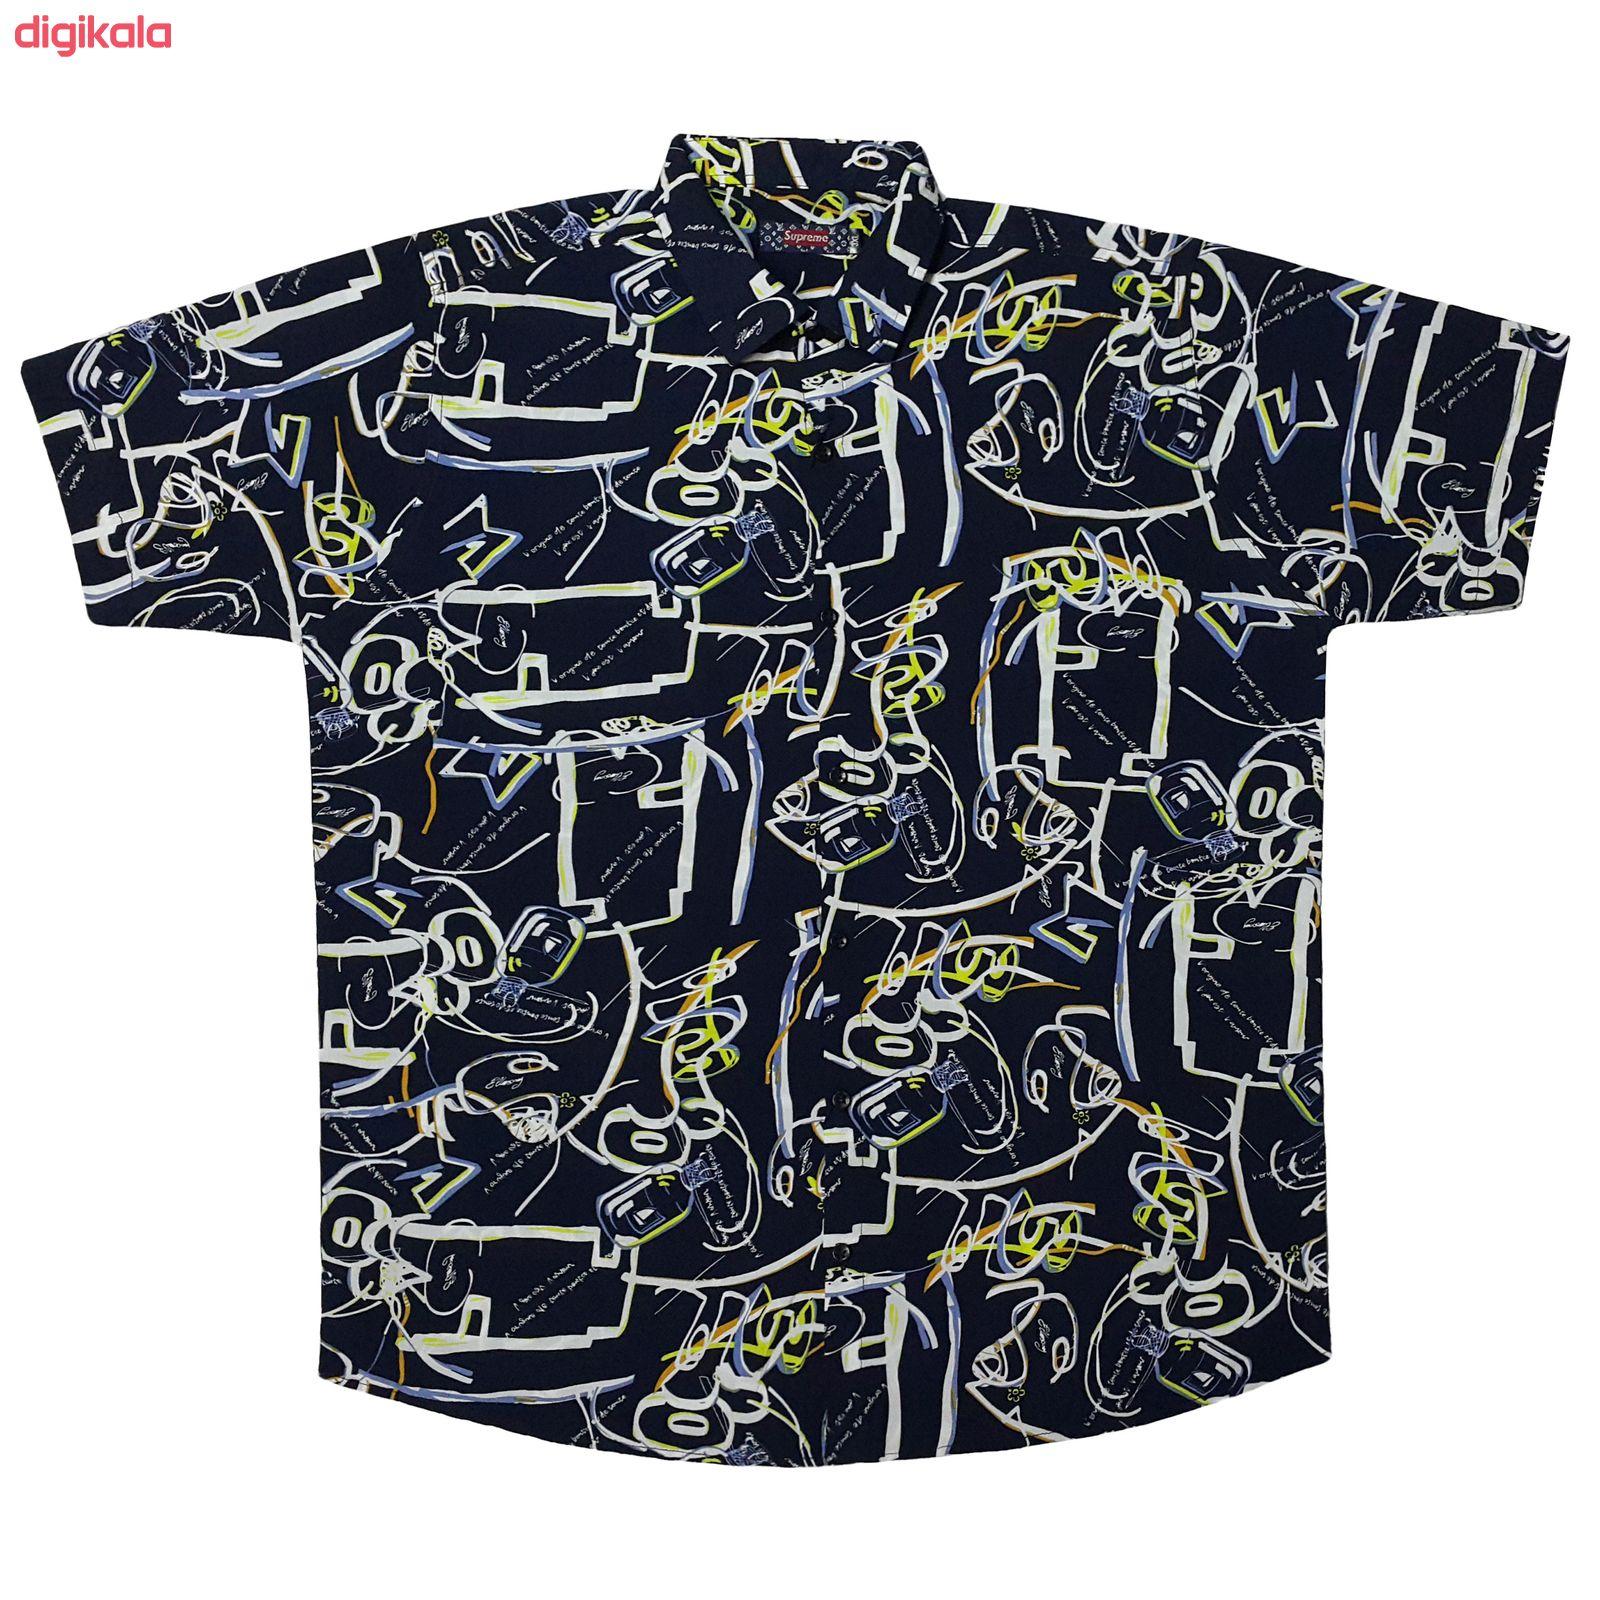 پیراهن آستین کوتاه مردانه کدP20